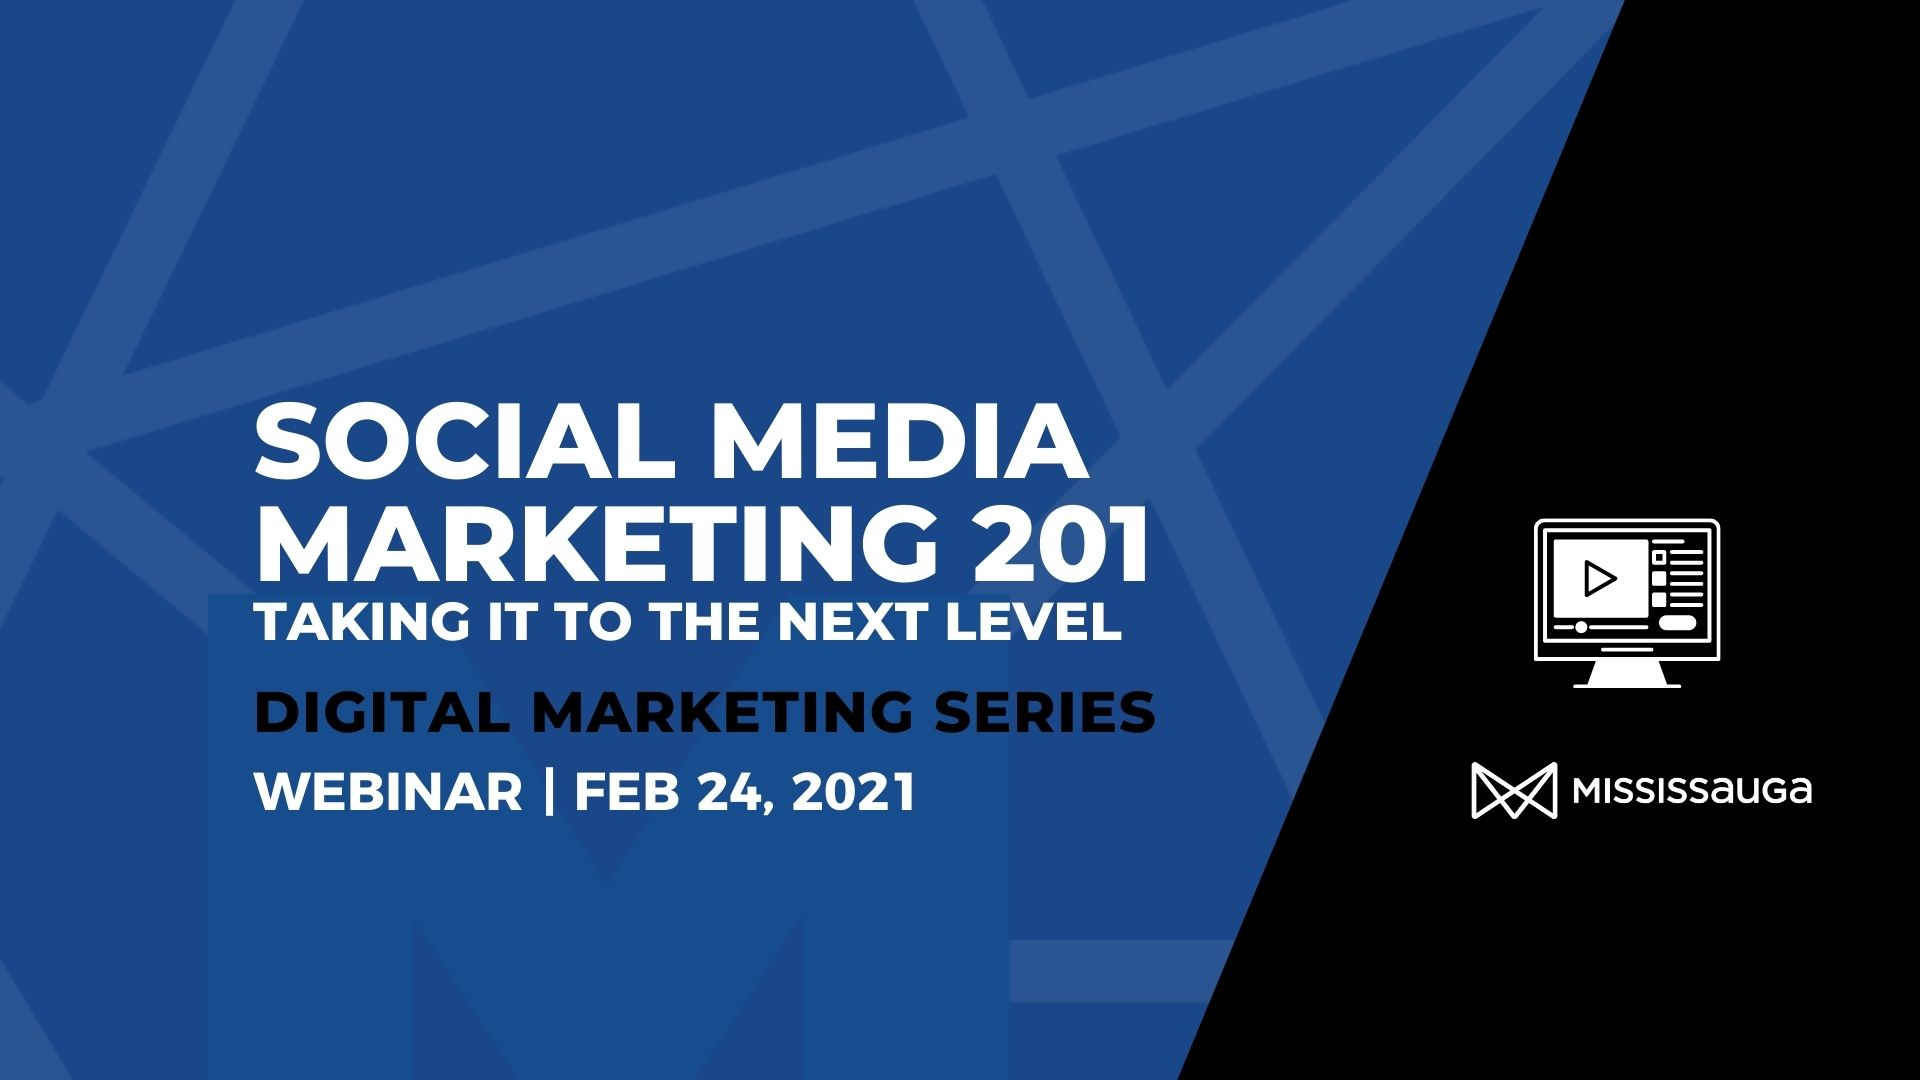 Social Media Marketing 201 – Webinar, Feb 24